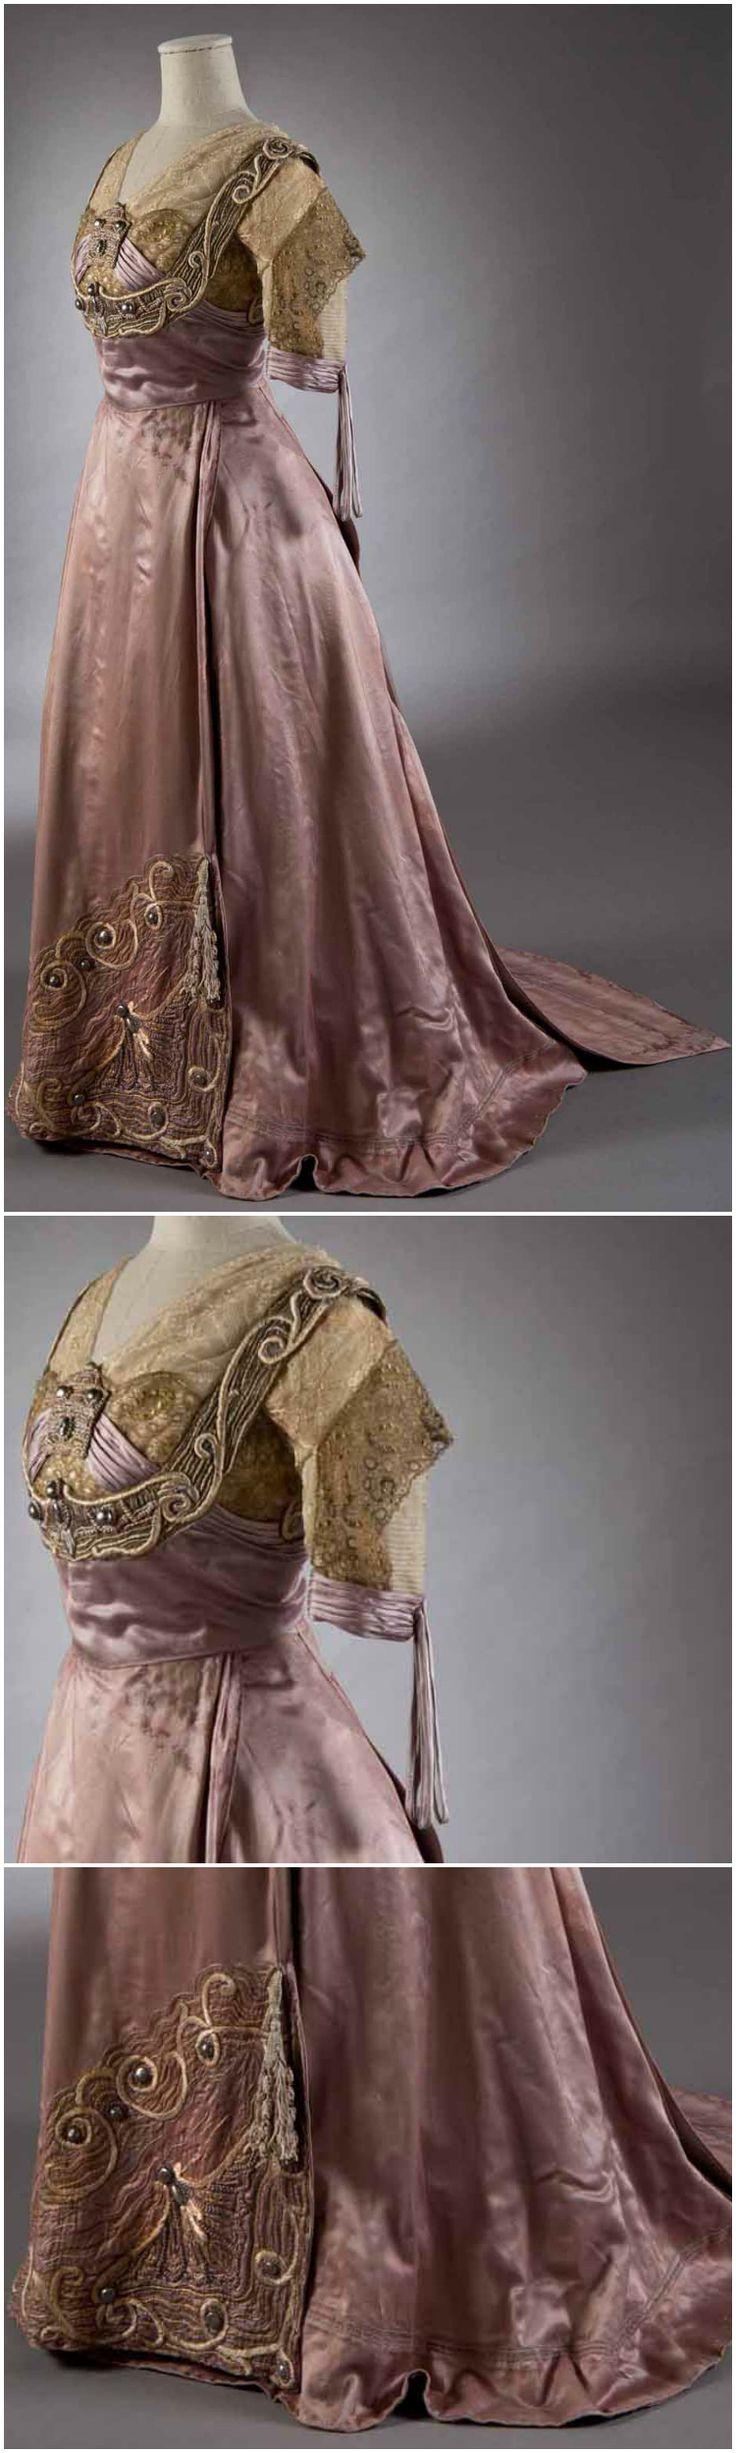 Ceremonial dress in two parts, by Callot Soeurs, Paris, c. 1907-10. From the Museo della Moda e delle Arti Applicate via Studio Esseci.